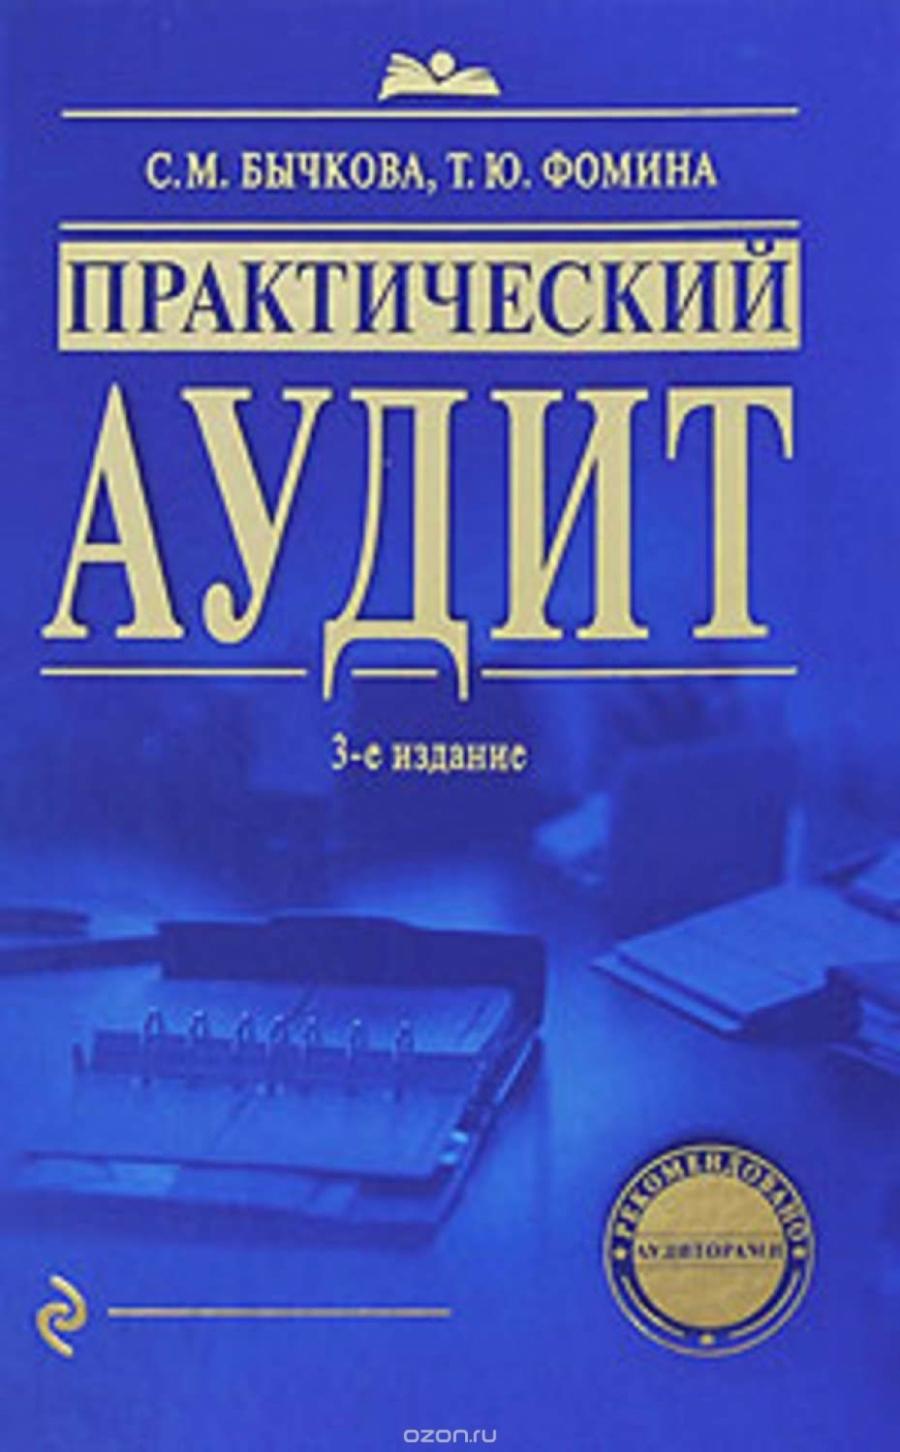 Обложка книги:  бычкова с. м. , фомина т. ю. - практический аудит